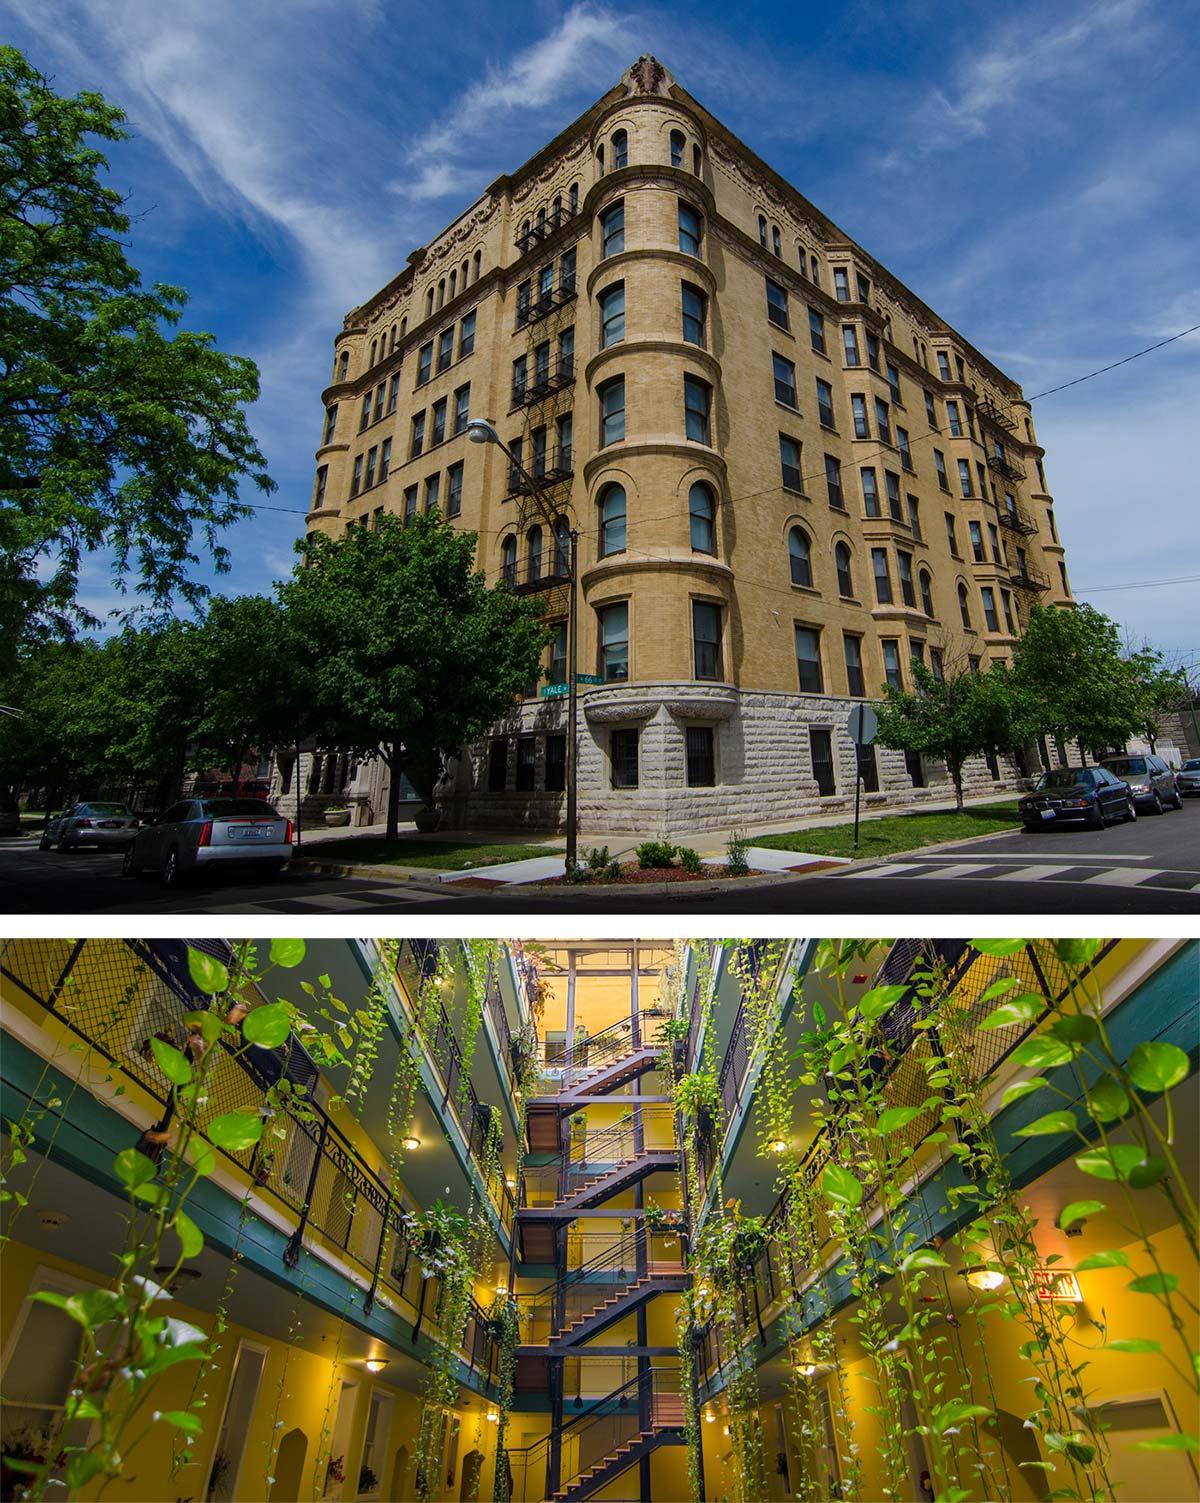 Yale Apartment Hotel. Photo courtesy of Eric Alixx Rogers.